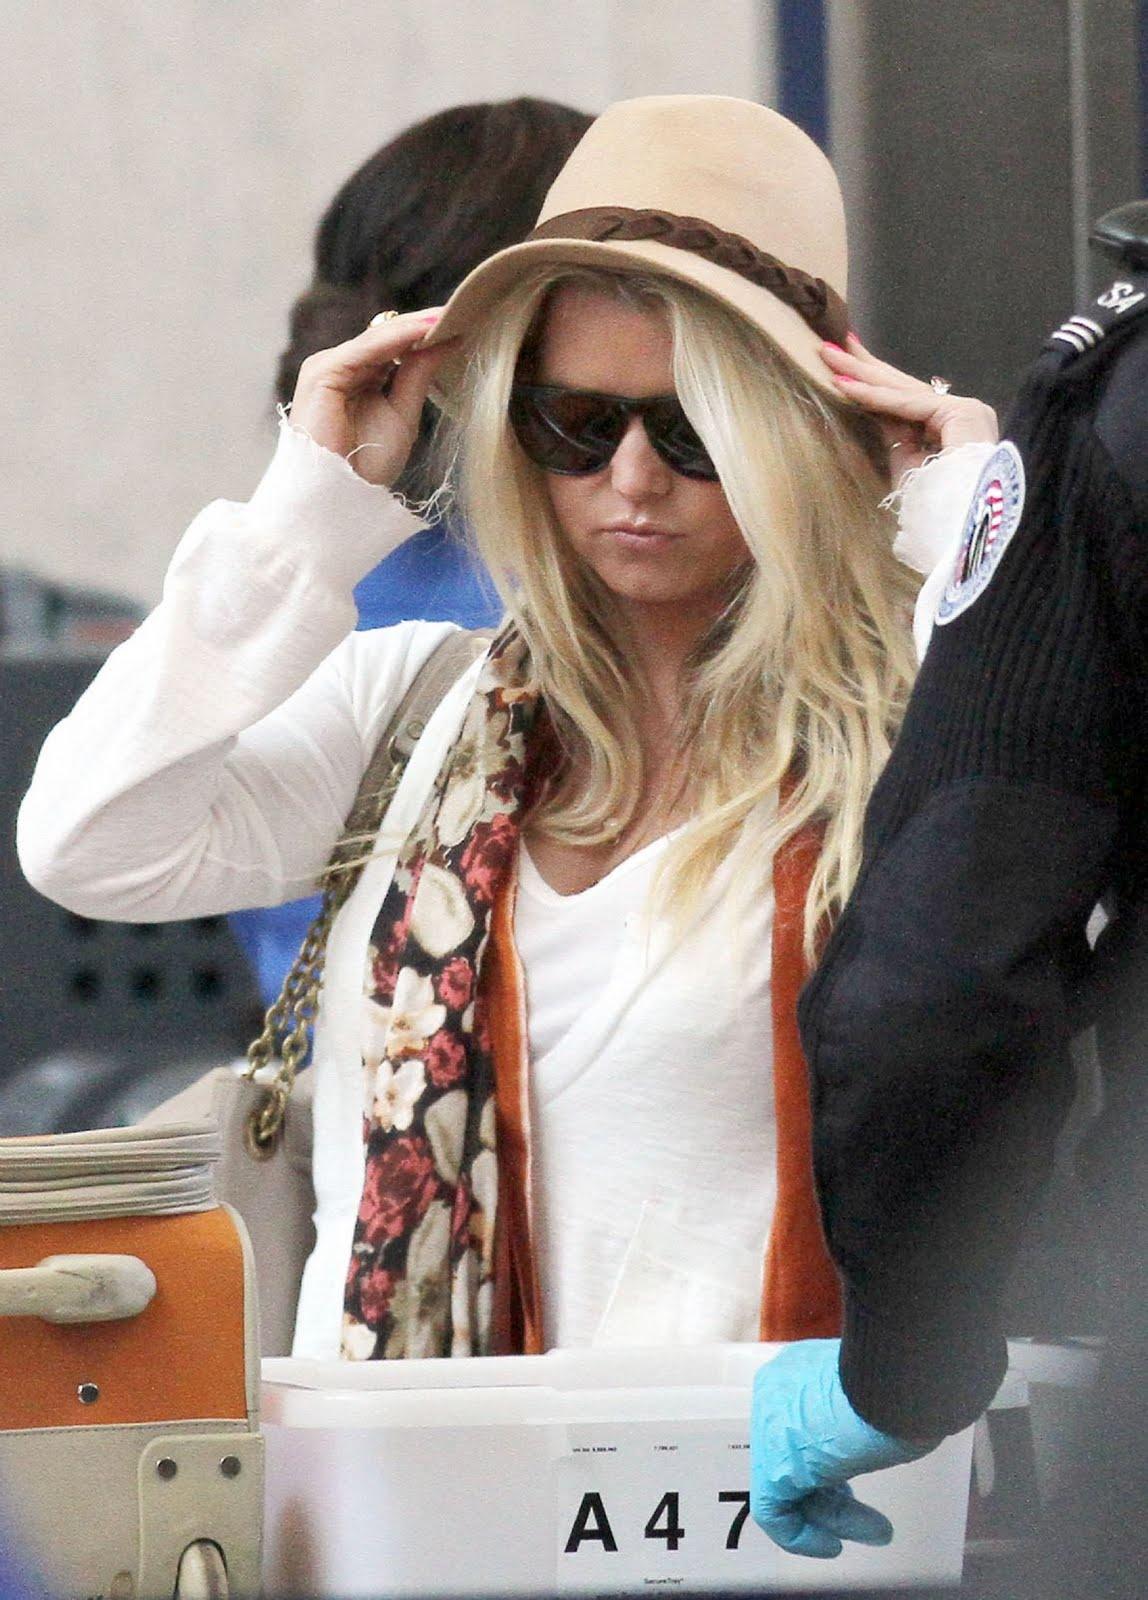 http://1.bp.blogspot.com/-GgXs7hppKOQ/TeaaxeO5xVI/AAAAAAAAKhA/ReIAvC_eDZE/s1600/Jessica+Simpson+spotted+at+LAX+Airport+%25283%2529.jpg